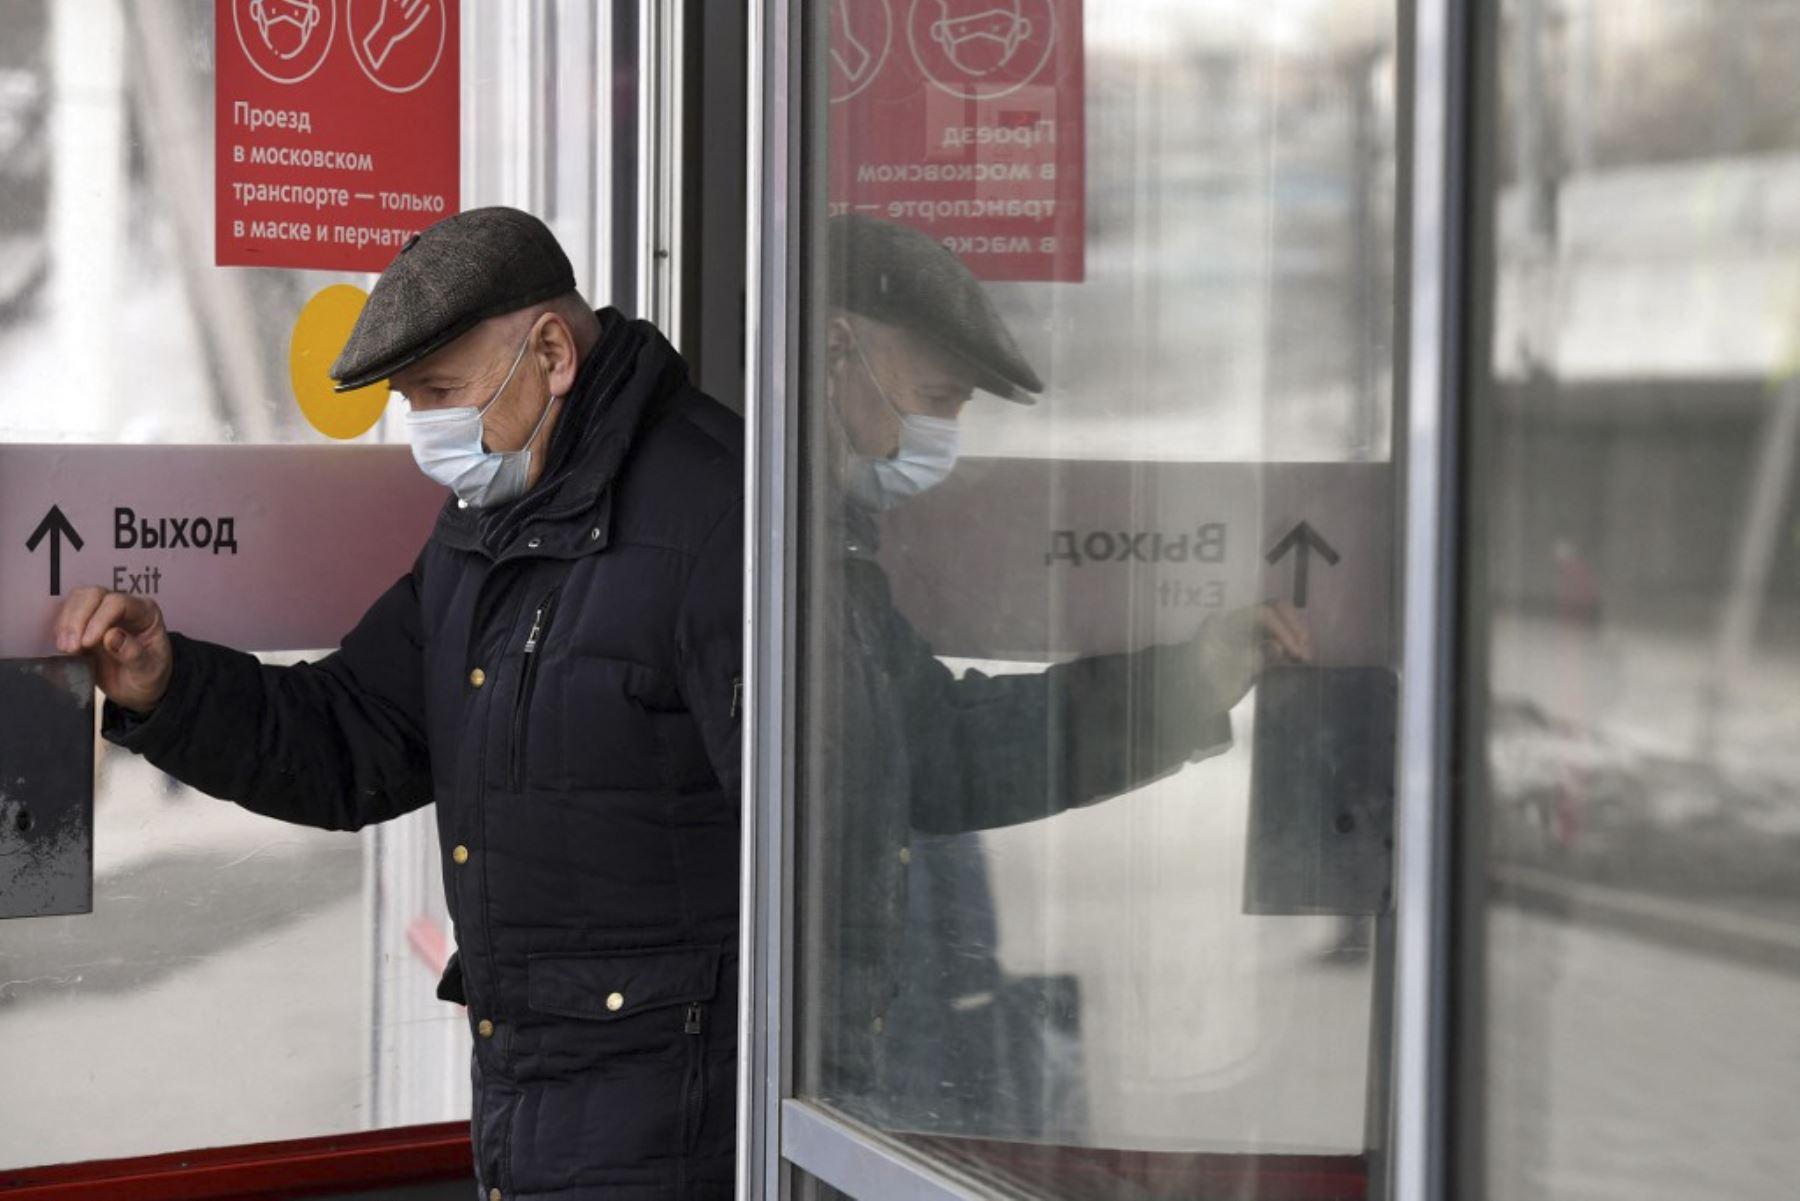 El aumento se imputa a una campaña de vacunación demasiado lenta por la desconfianza de los rusos hacia las vacunas desarrolladas en el país, así como por la ausencia de restricciones durante meses, la aparición de variantes más virulentas y el incumplimiento de las normas de distanciamiento y del uso de mascarillas. Foto: AFP